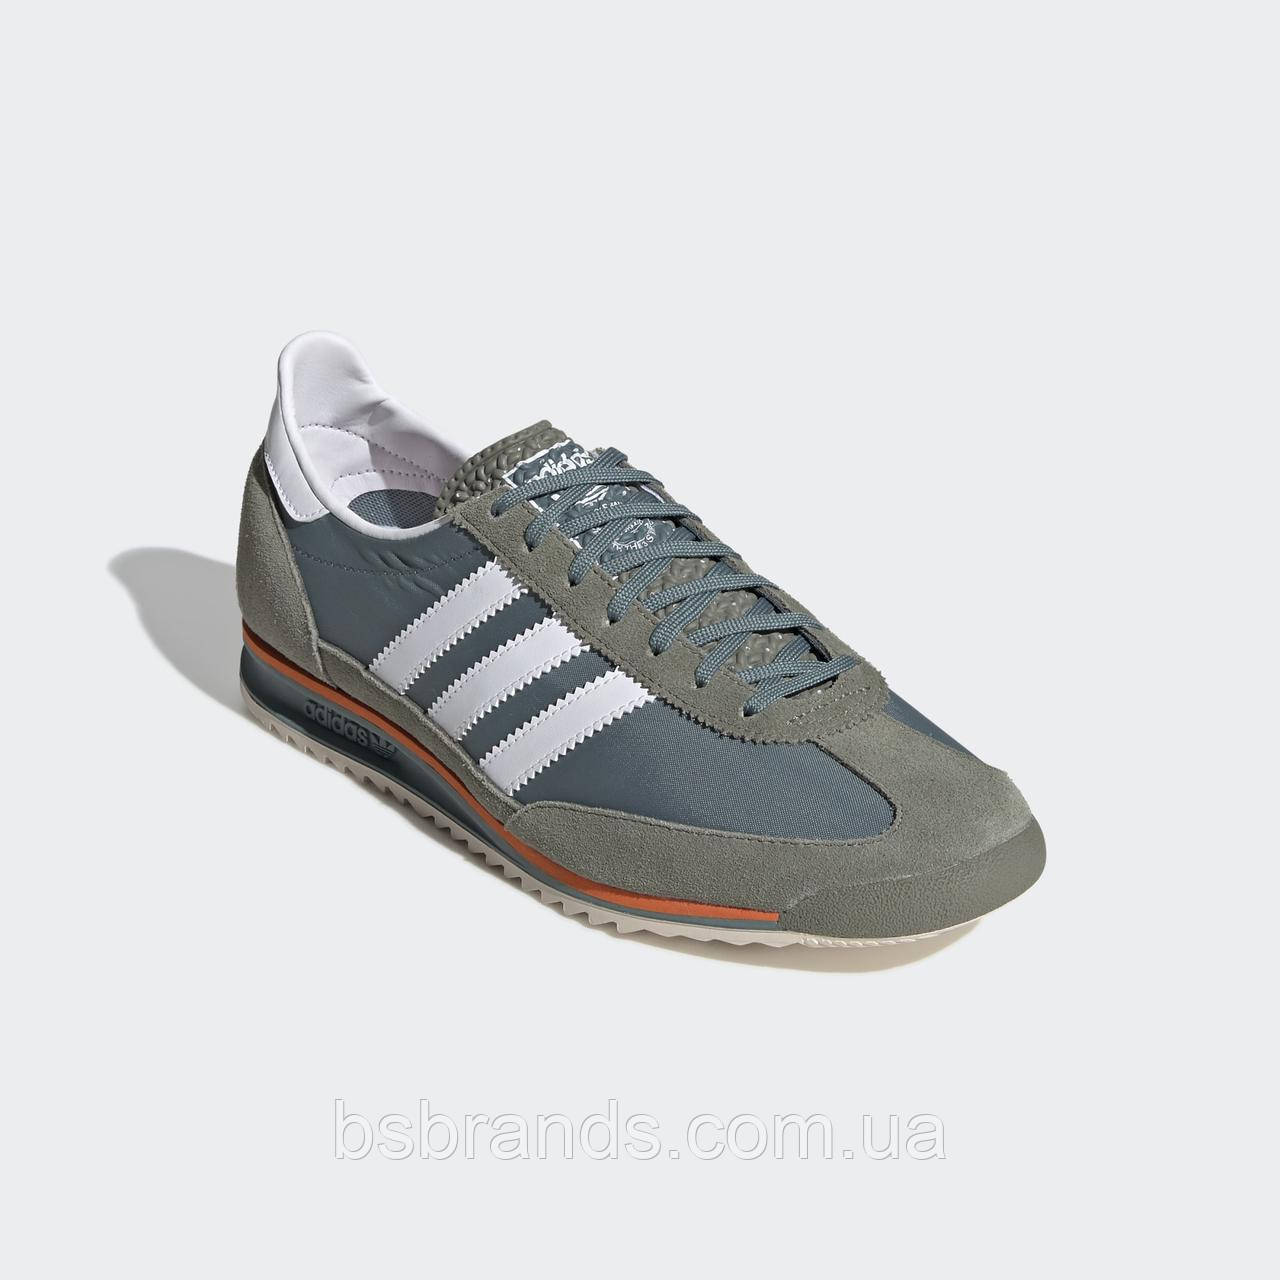 Мужские кроссовки adidas SL 72 EG5198 (2020/1)